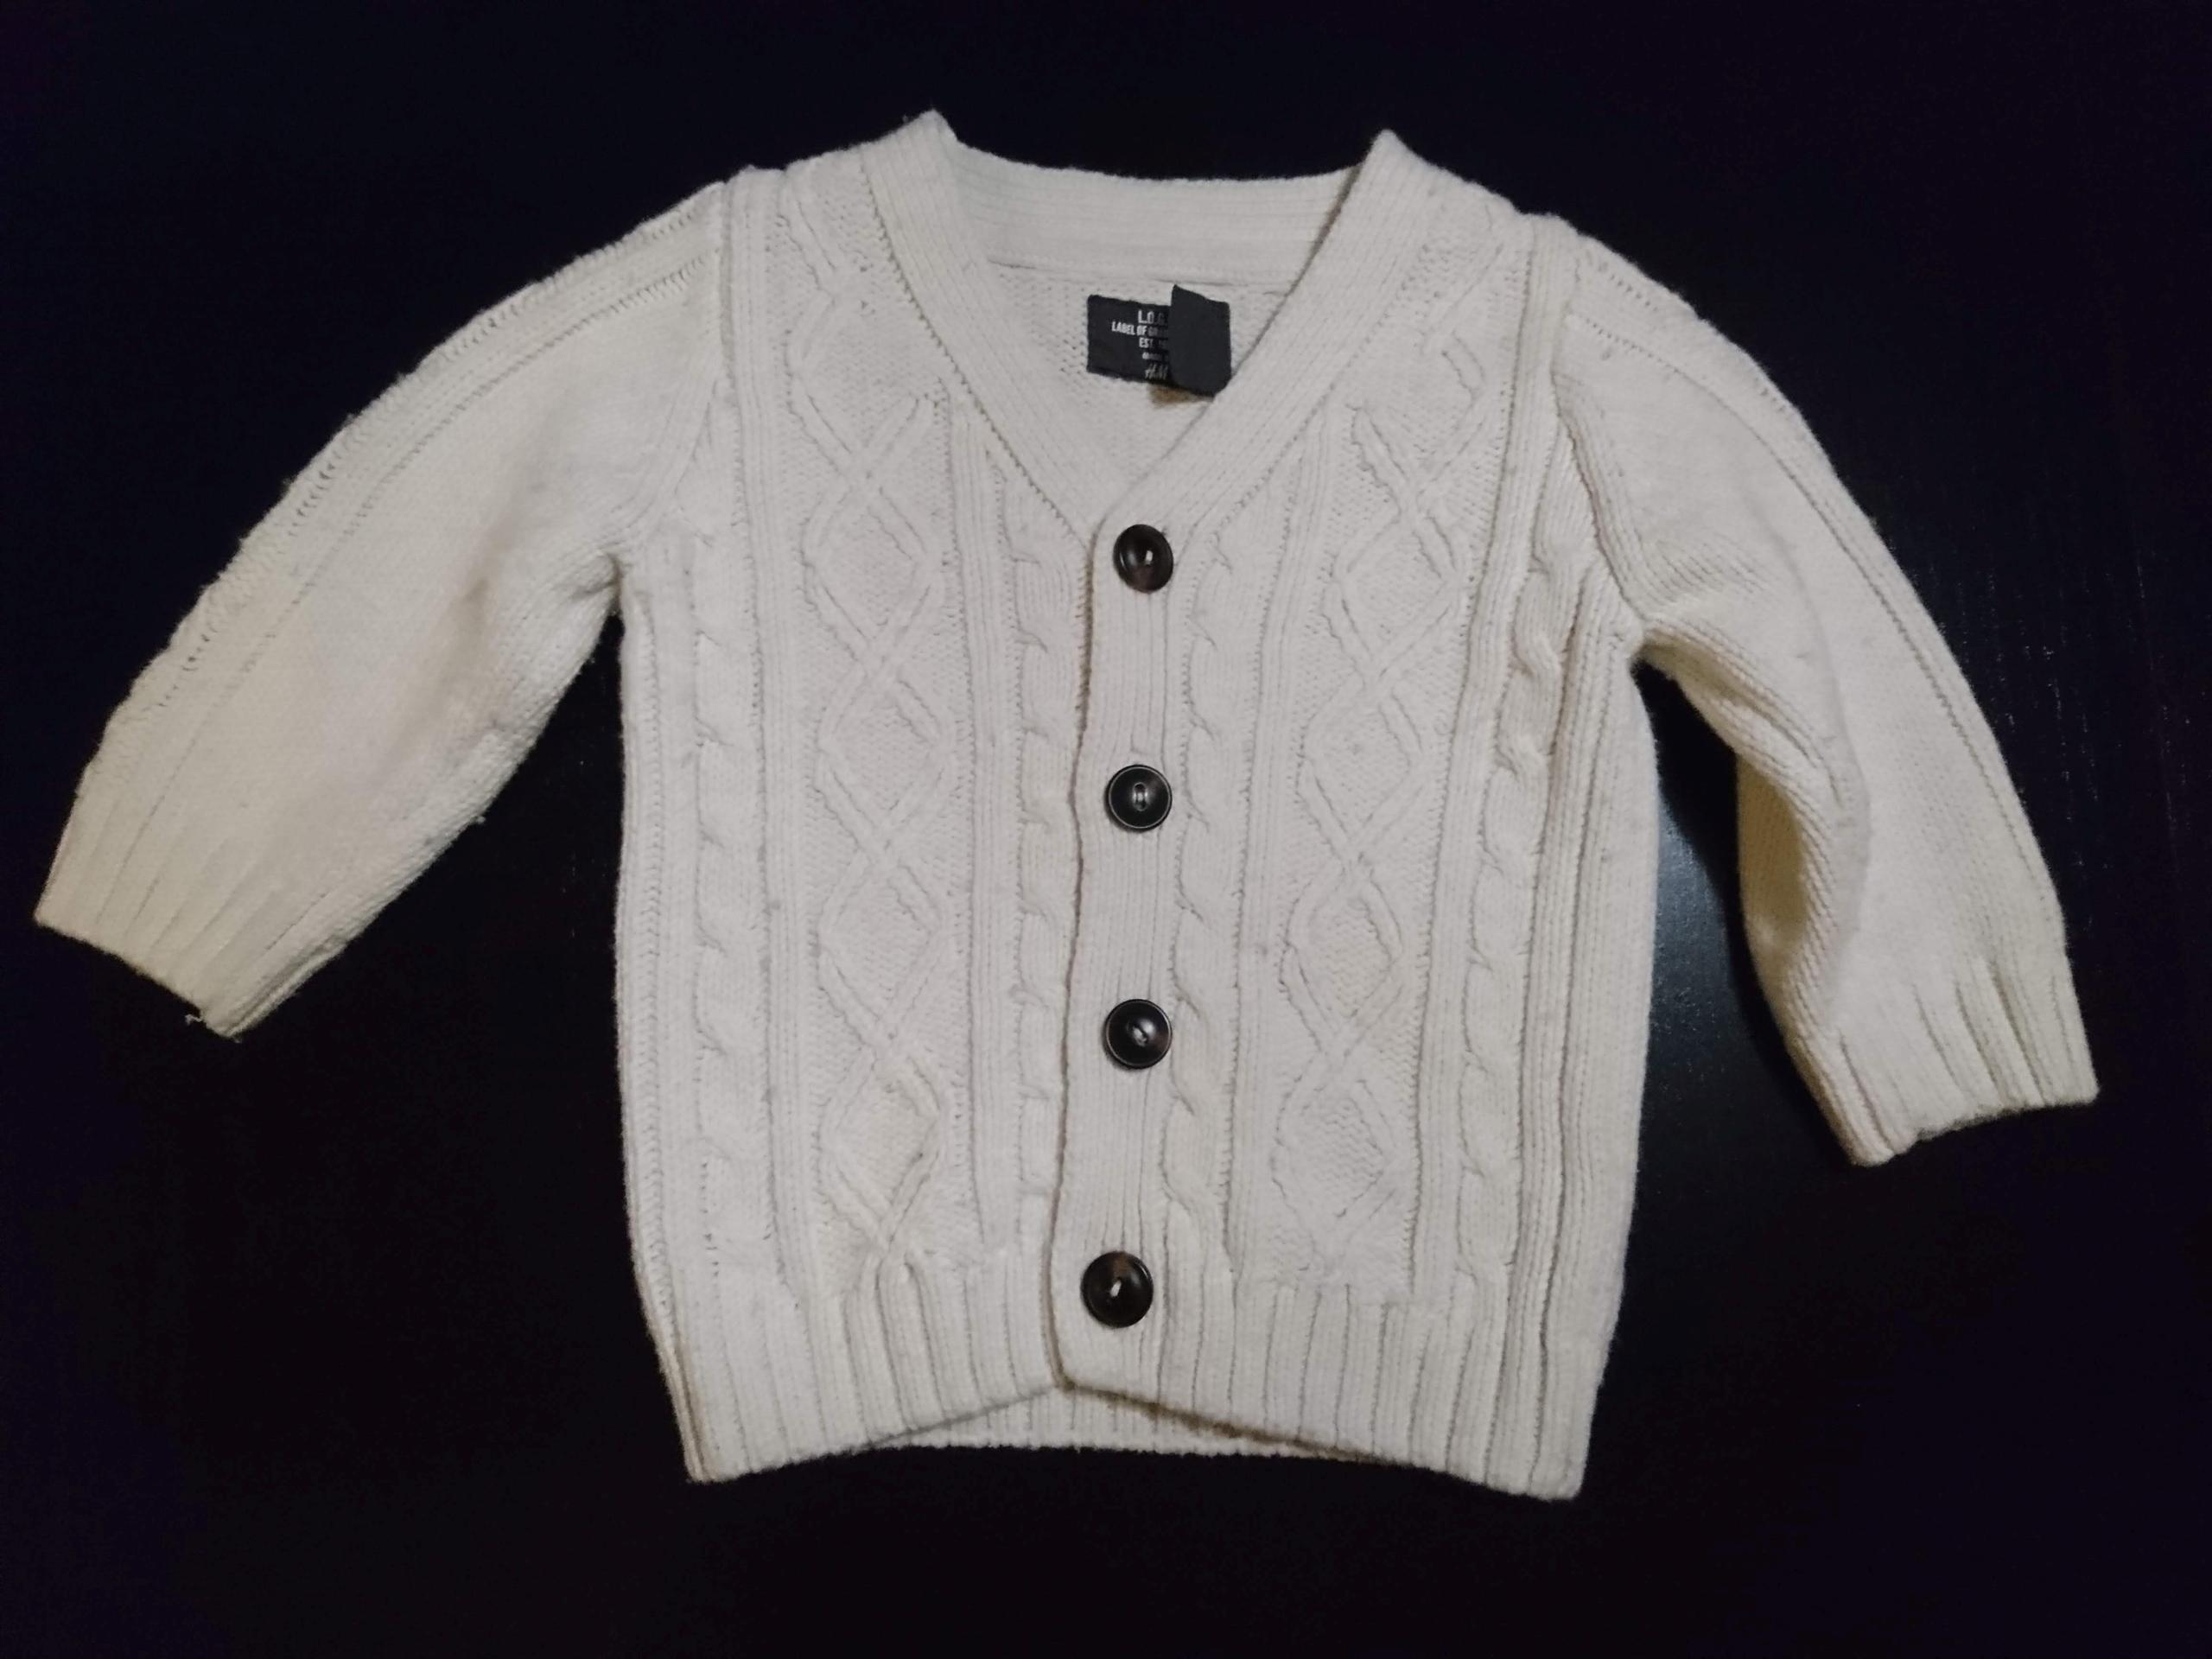 9cf1b0c244 Sweterek kardigan h m r.74 biały sweter guziki - 7726988188 ...